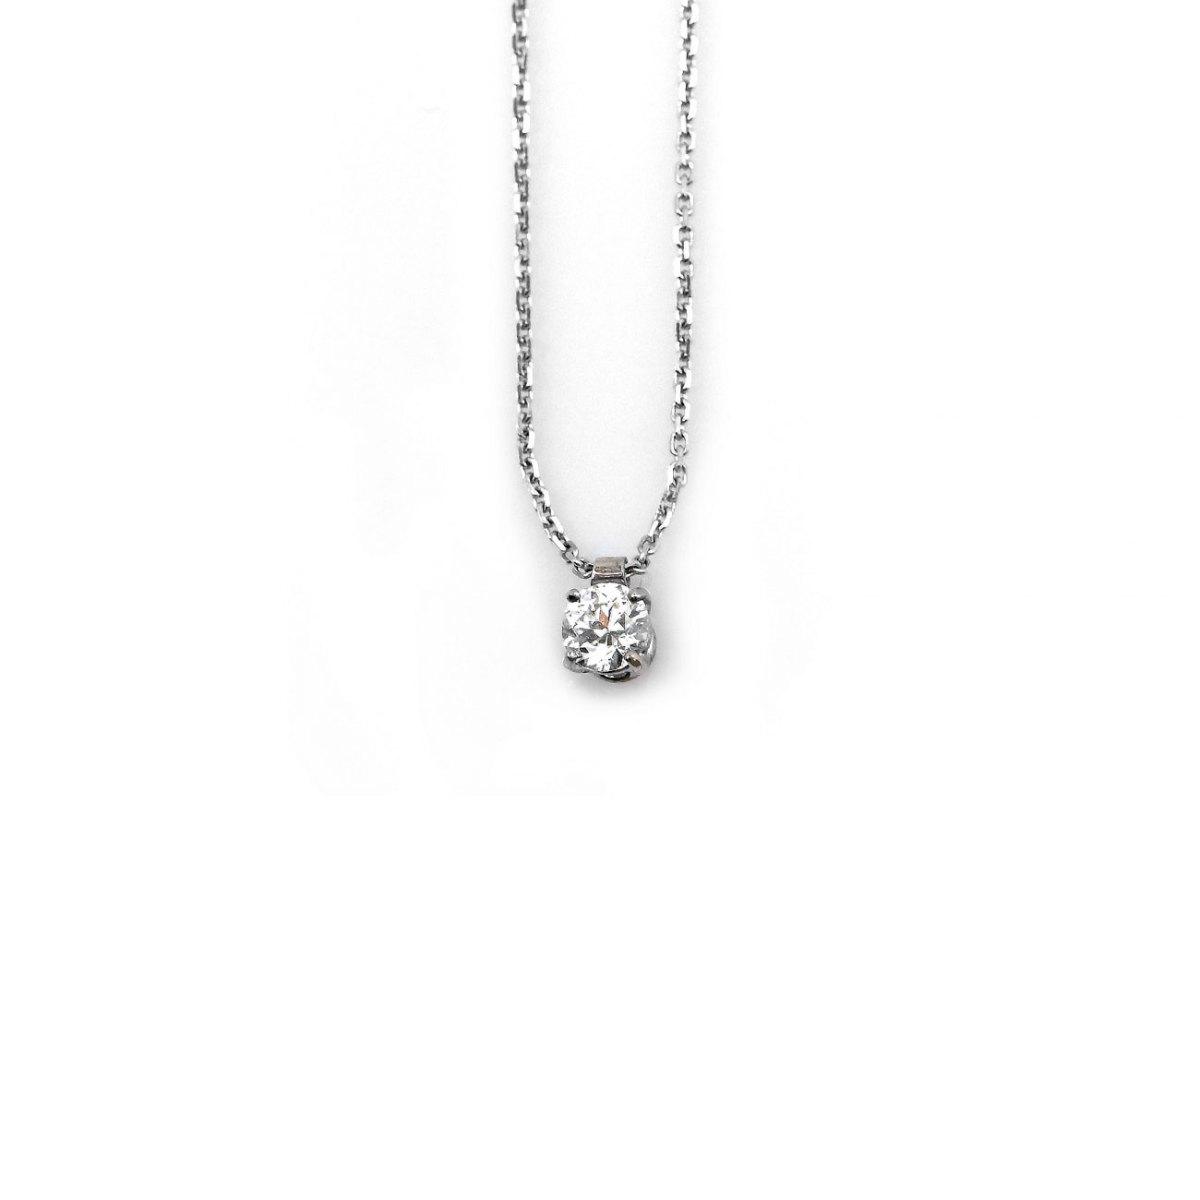 Pendentif Diamant Solitaire taille Brillant sur chaîne Or blanc 750 ‰ | EVENOR Joaillerie • Bijoux neuf, bijoux Vintage, bijoux d'occasion